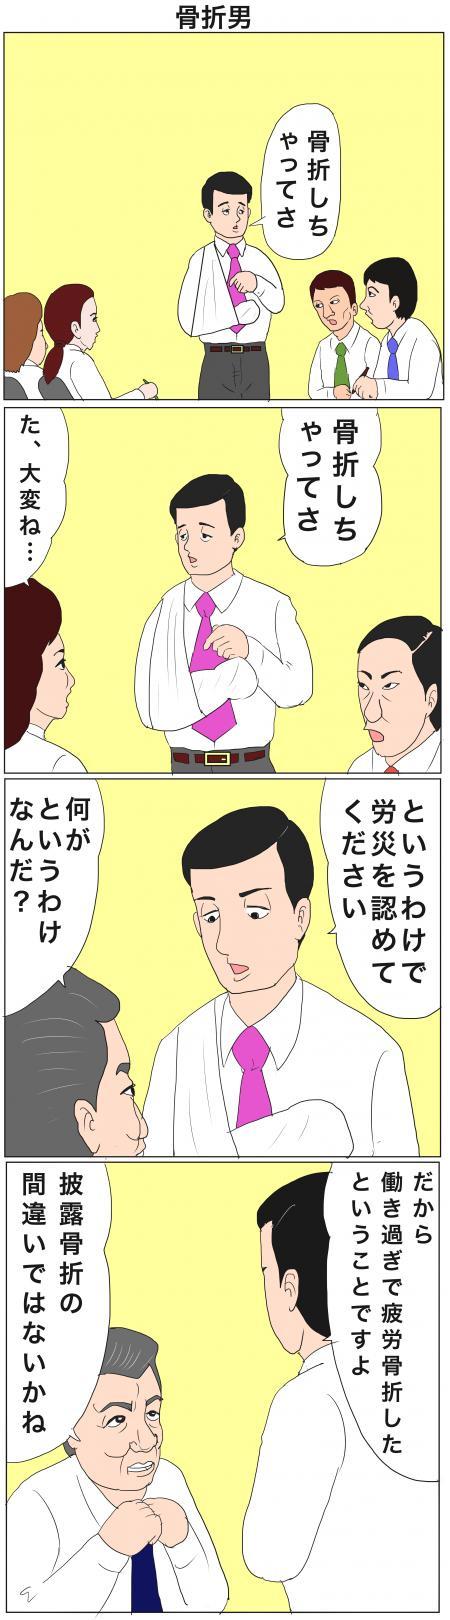 骨折男+のコピー_convert_20141118221800